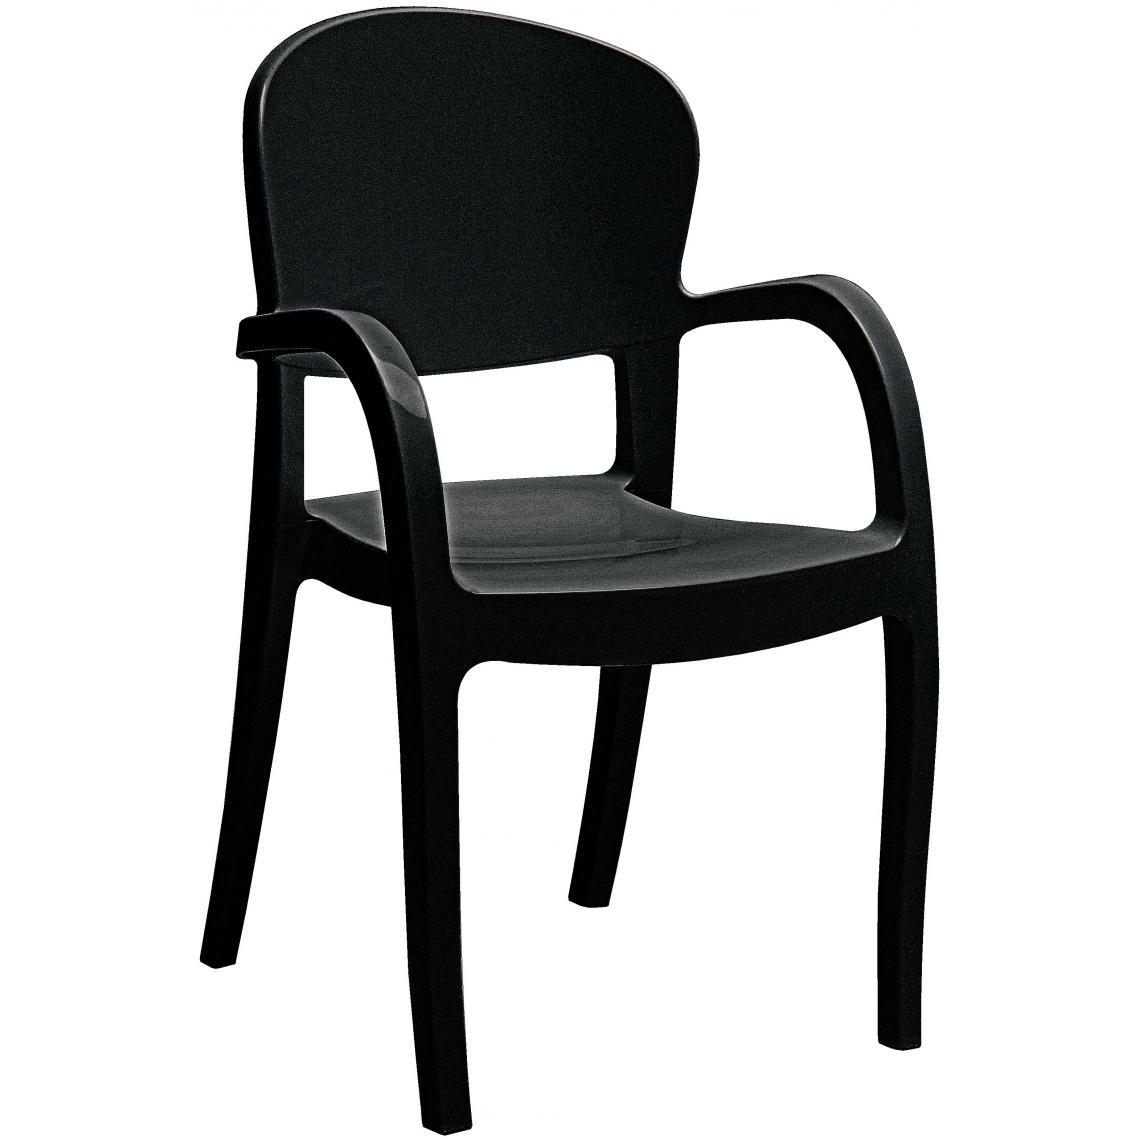 Chaise Design Noire Avec Accoudoirs GLAM 3Suisses Mobilier Deco